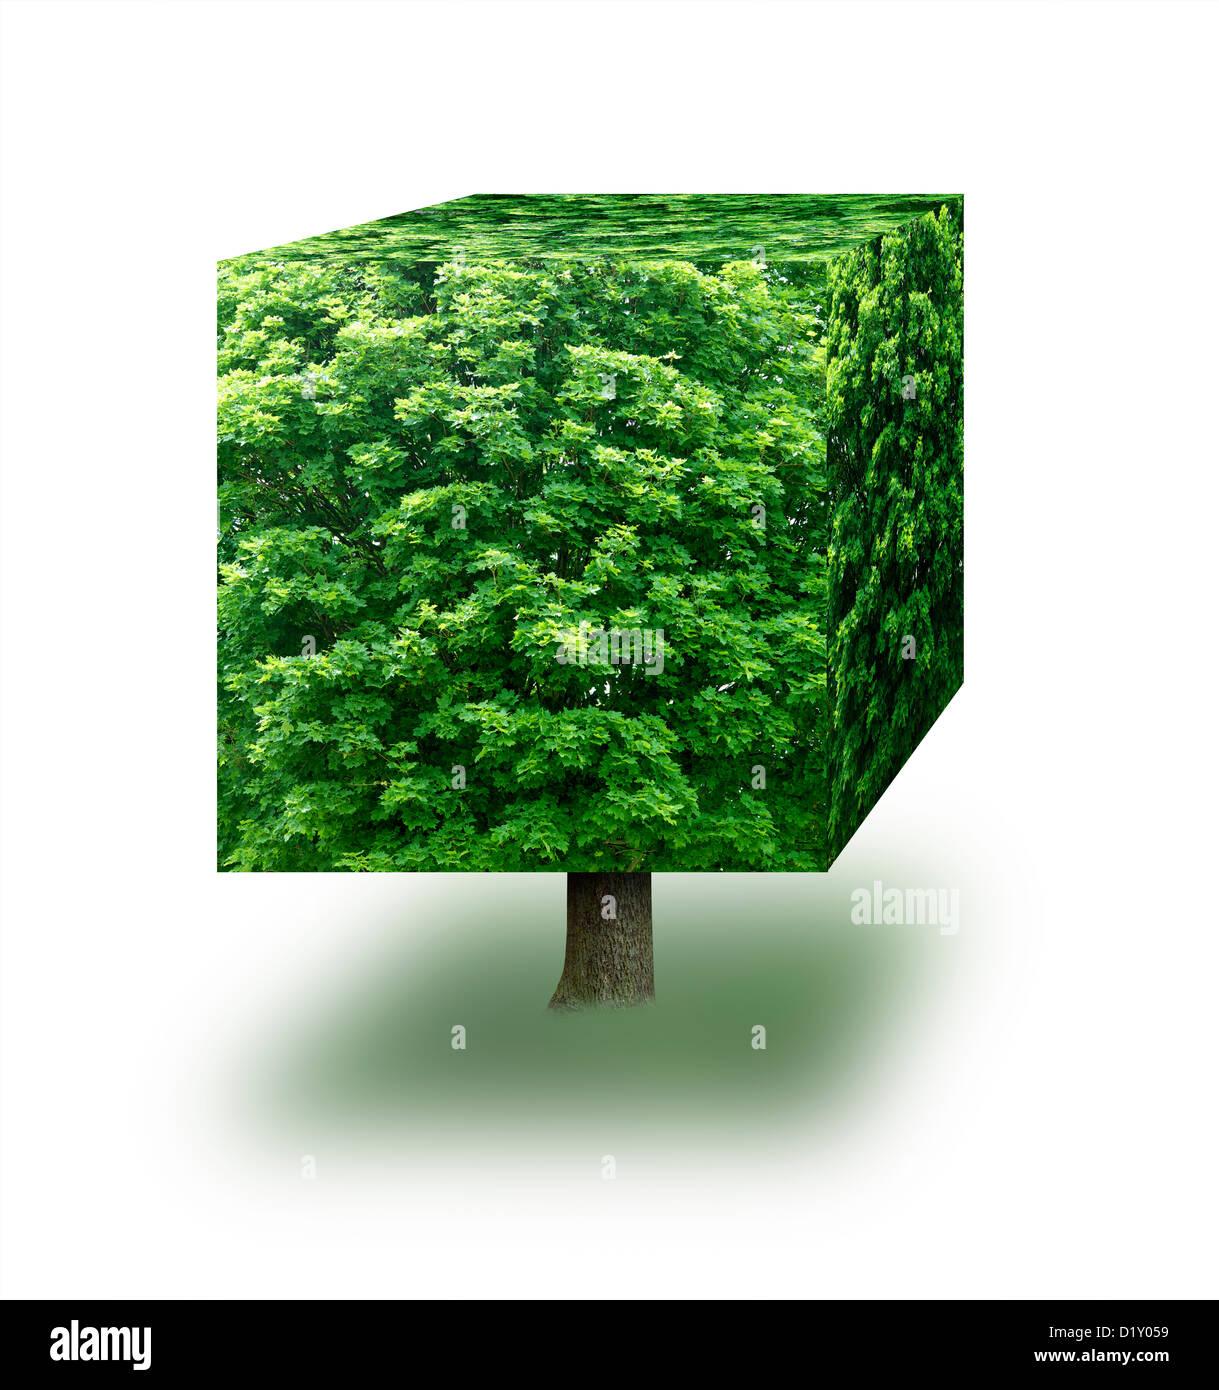 Würfel aus von einem Baum vor einem weißen Hintergrund Stockbild